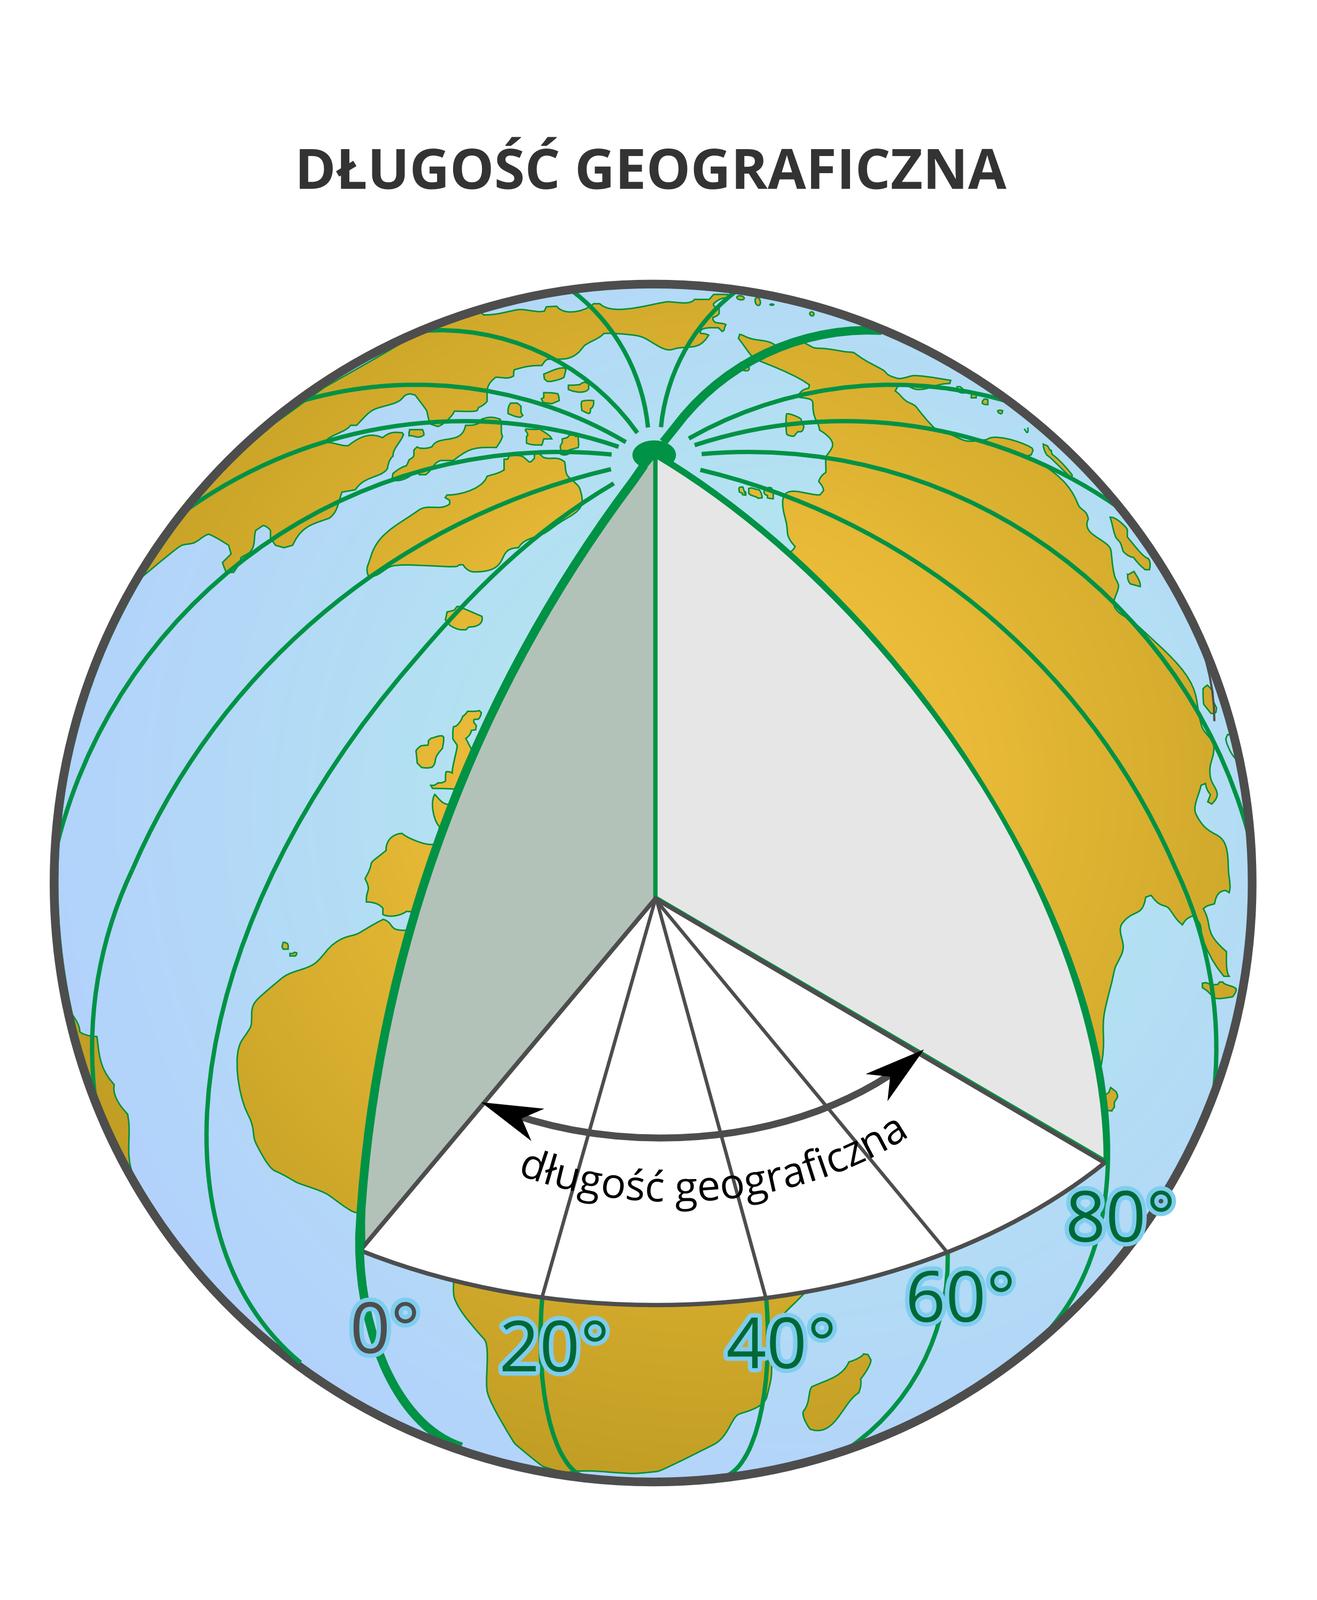 Ilustracja prezentuje definicje długości geograficznej. Na ilustracji kula Ziemska, wktórej wycięto górną ćwiartkę izaznaczono kąt dwuścienny między płaszczyzną biegnącego pionowo południka 0° apłaszczyzną południka biegnącego pionowo iprzechodzącego przez dany punkt, tutaj 80o.